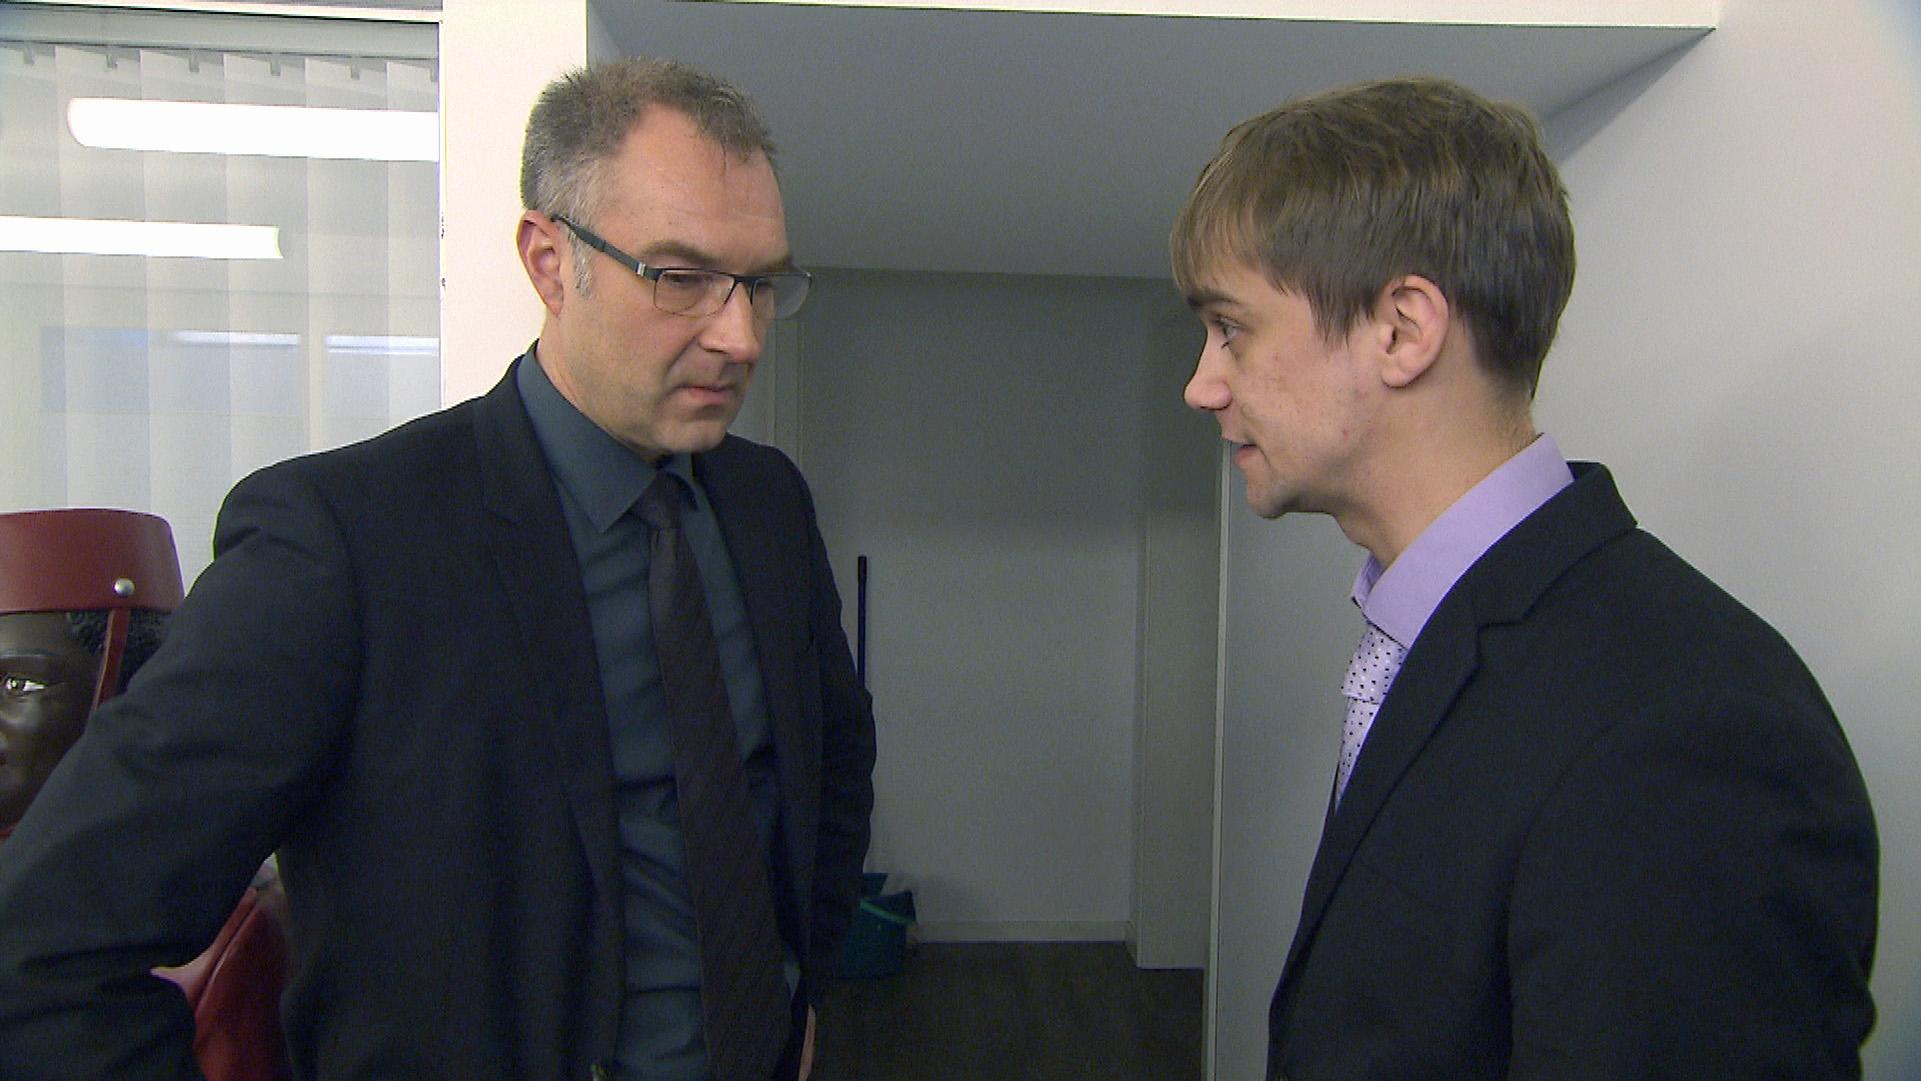 Schmidti (re.) steht unter Druck: Er hat nur noch zwei Tage Zeit, Roger (li.) von seinem Talent zu überzeugen, um übernommen zu werden.. (Quelle: RTL 2)